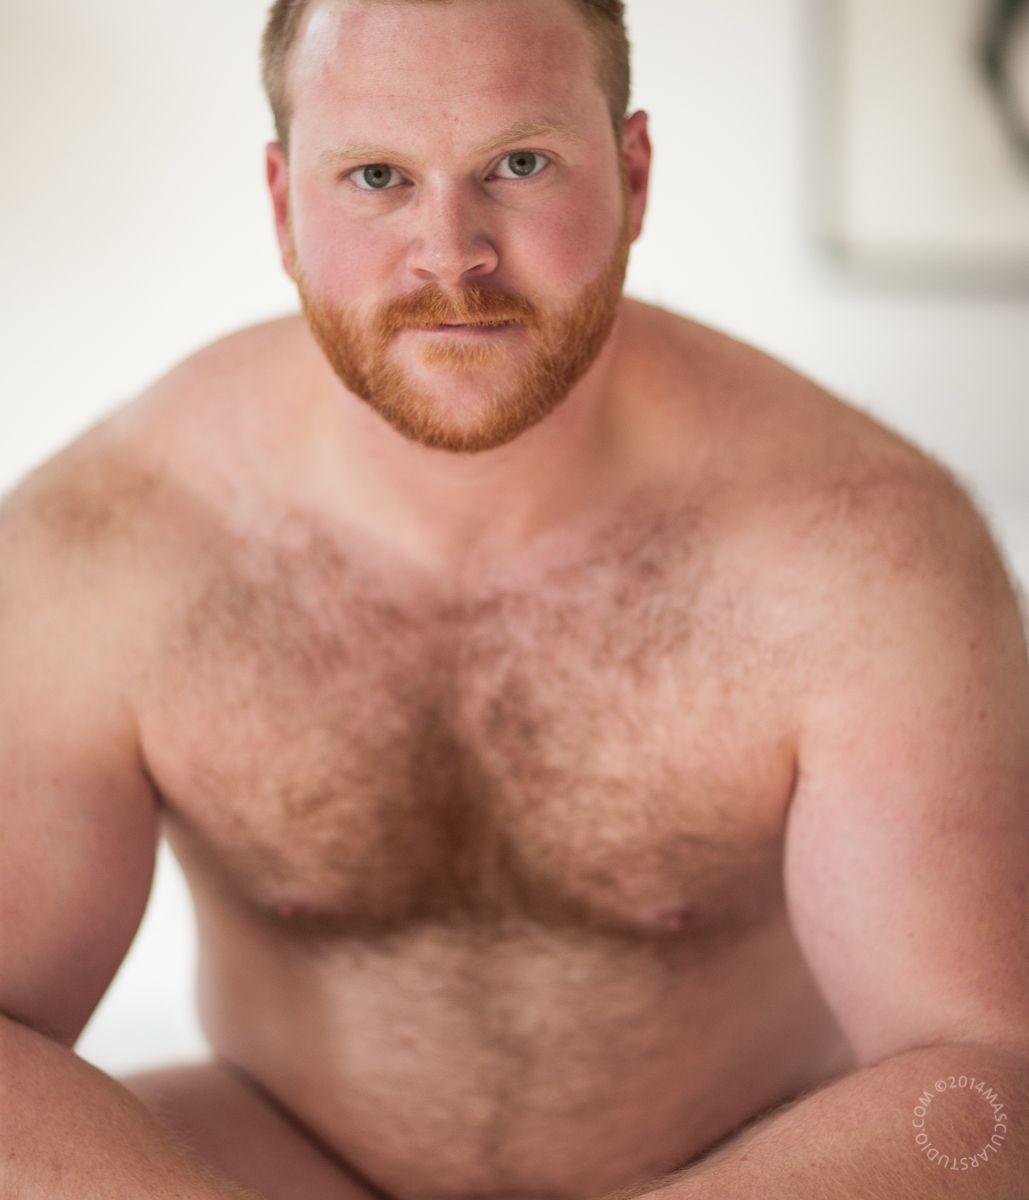 best of Ginger Naked bear gay hairy